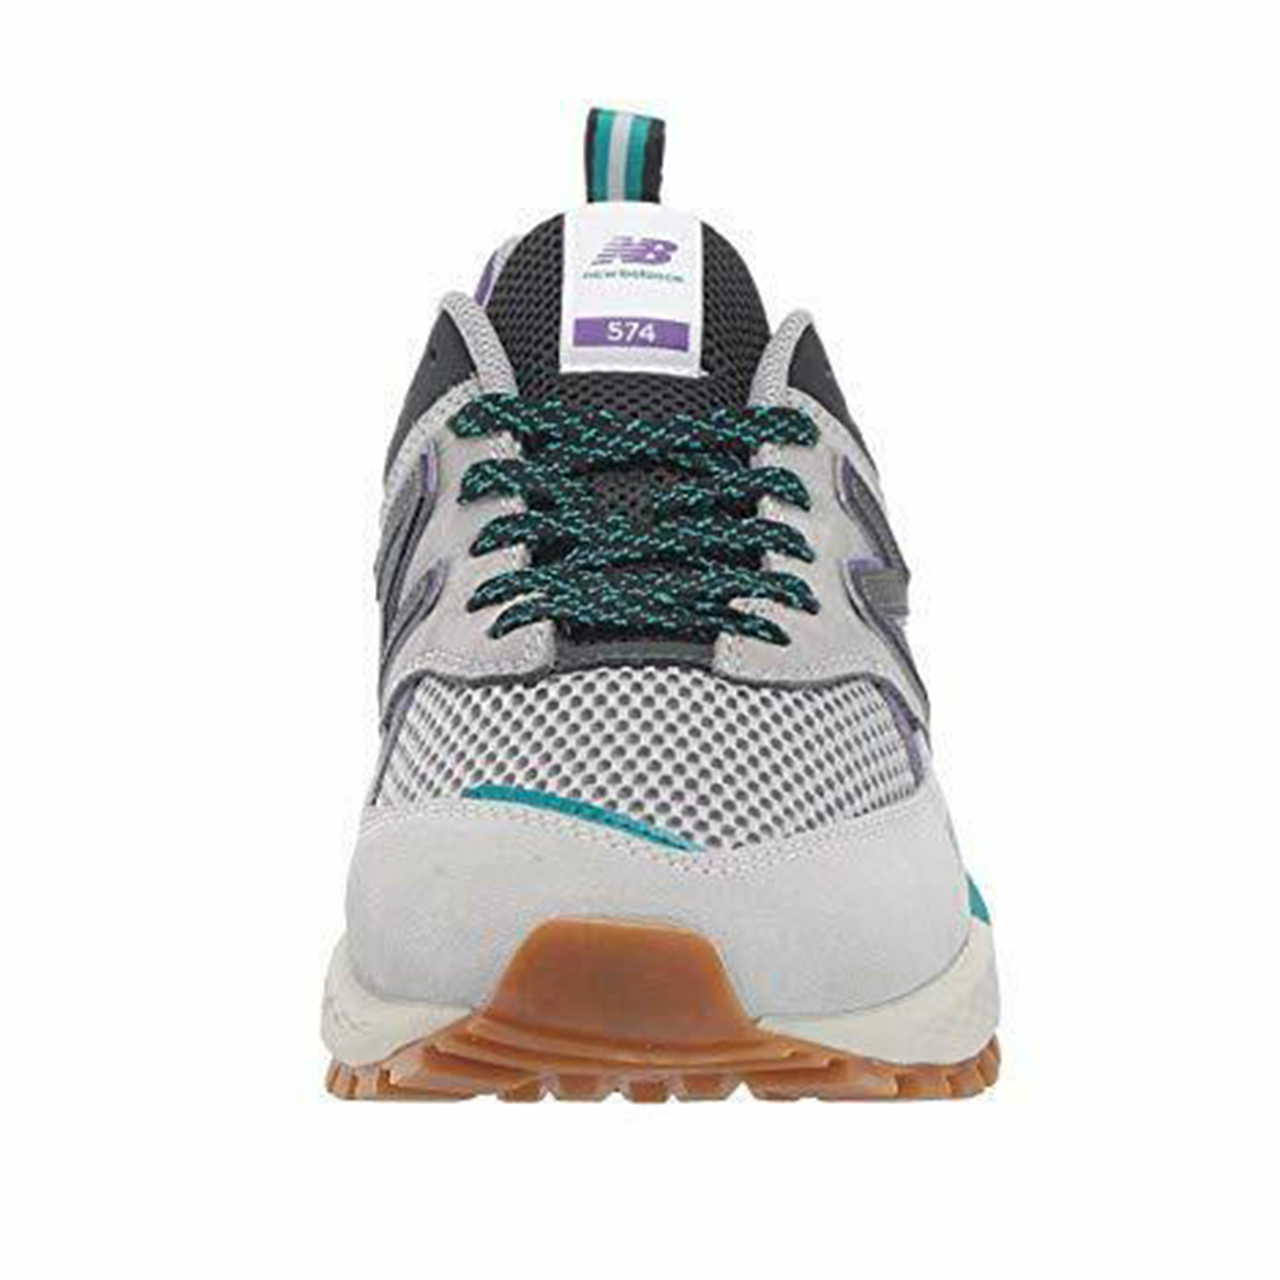 کفش ورزشی مردانه نیو بالانس مدل ms574